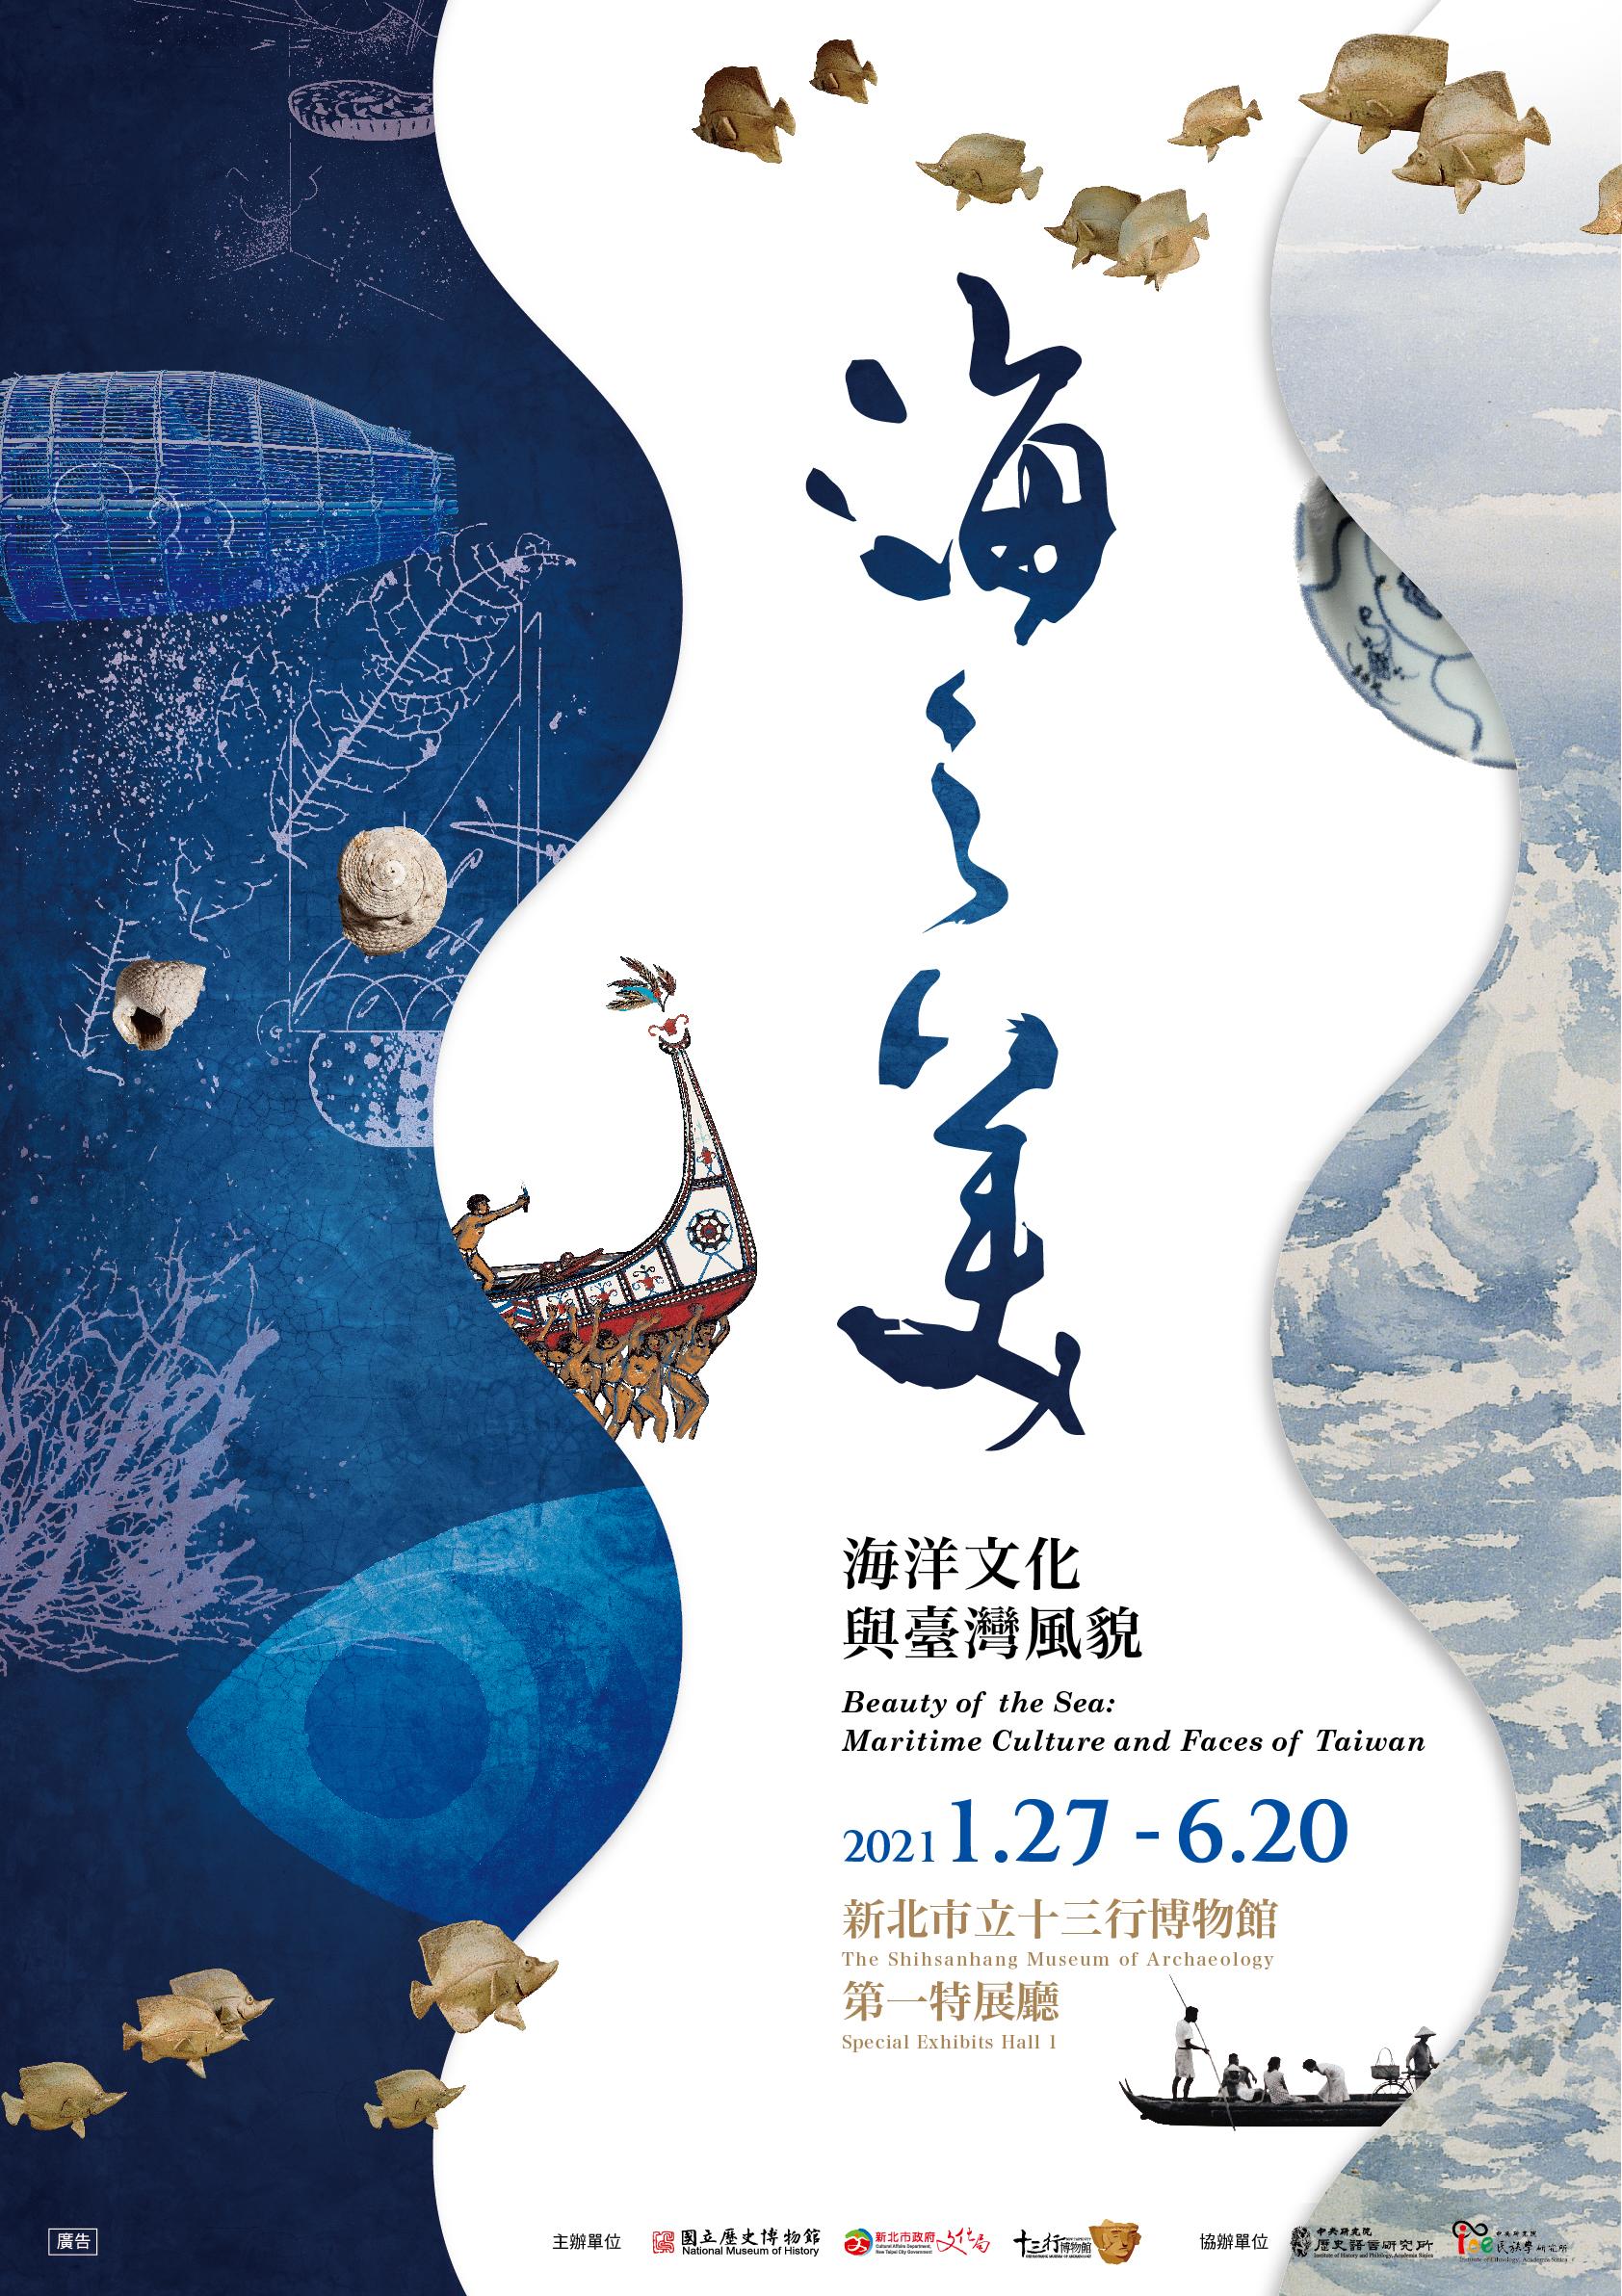 海之美─海洋文化與臺灣風貌特展